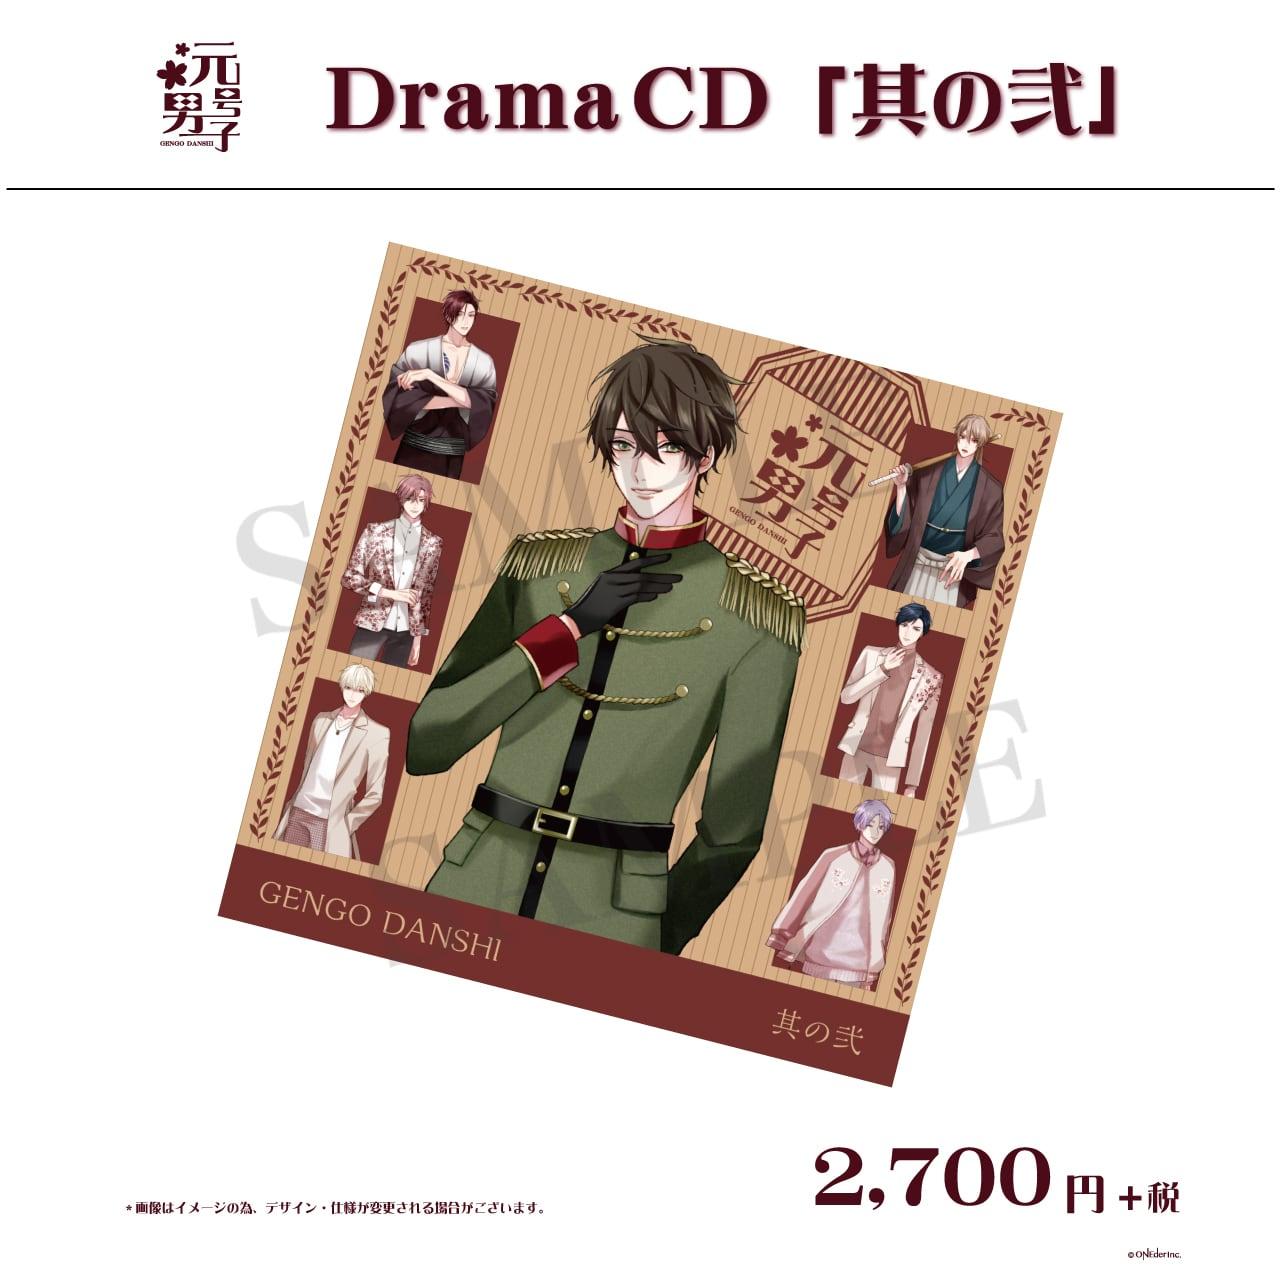 【予約商品同梱】元号男子 DramaCD「其の弐」